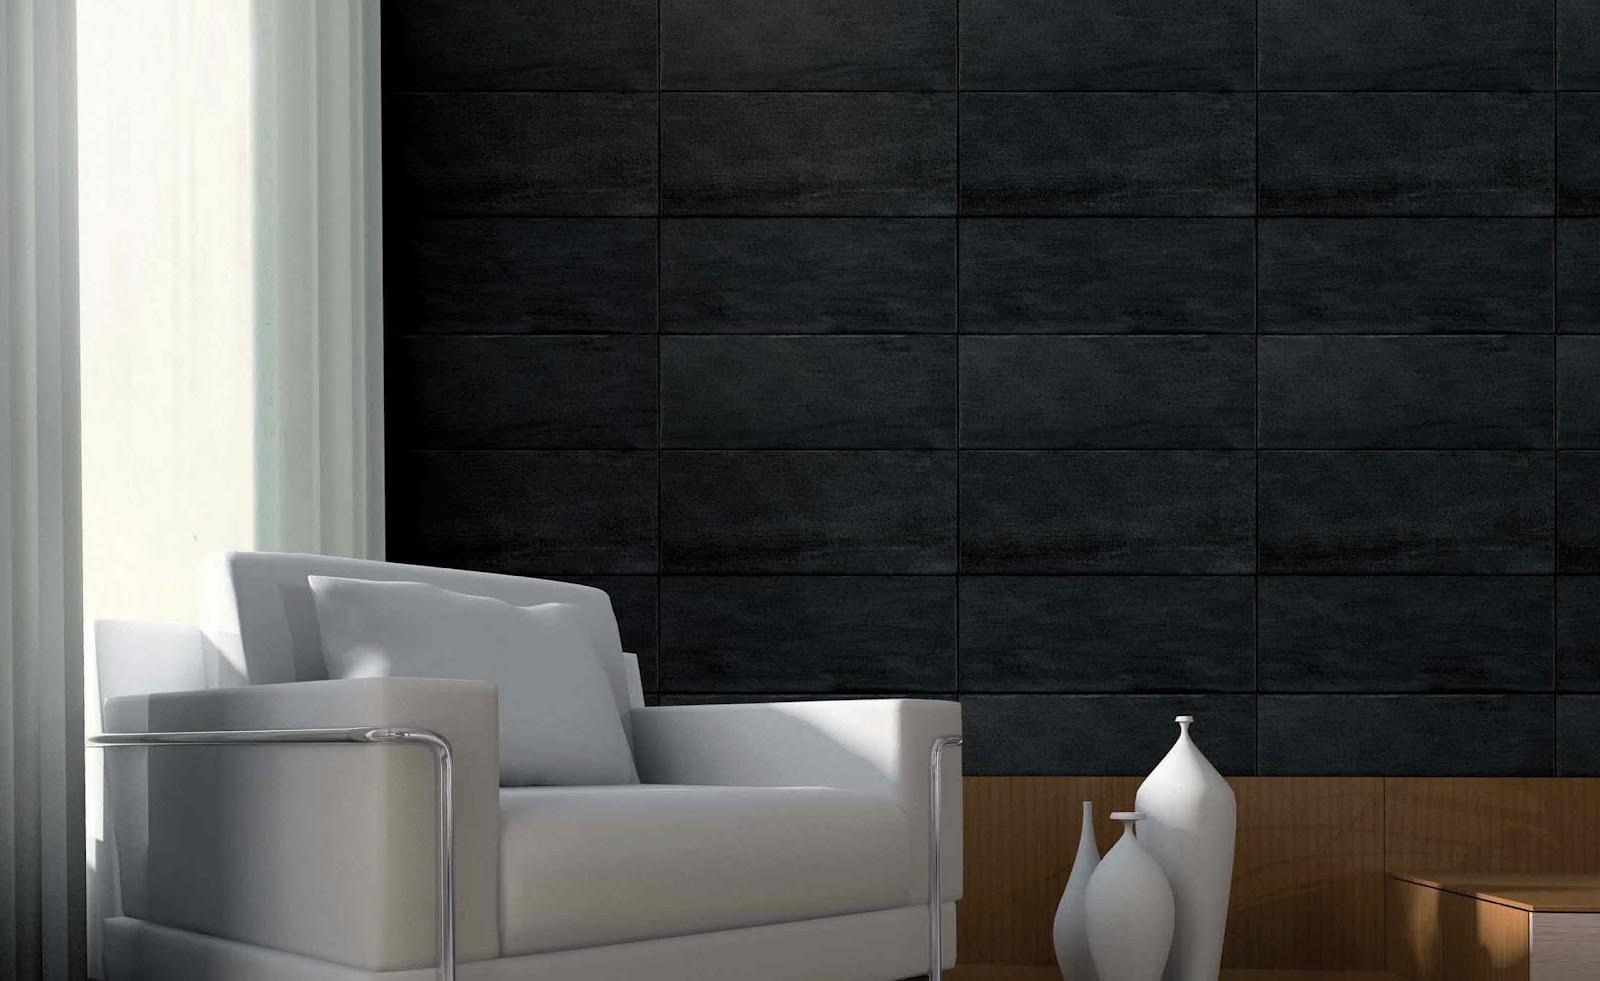 papier peint salon noir et blanc. Black Bedroom Furniture Sets. Home Design Ideas